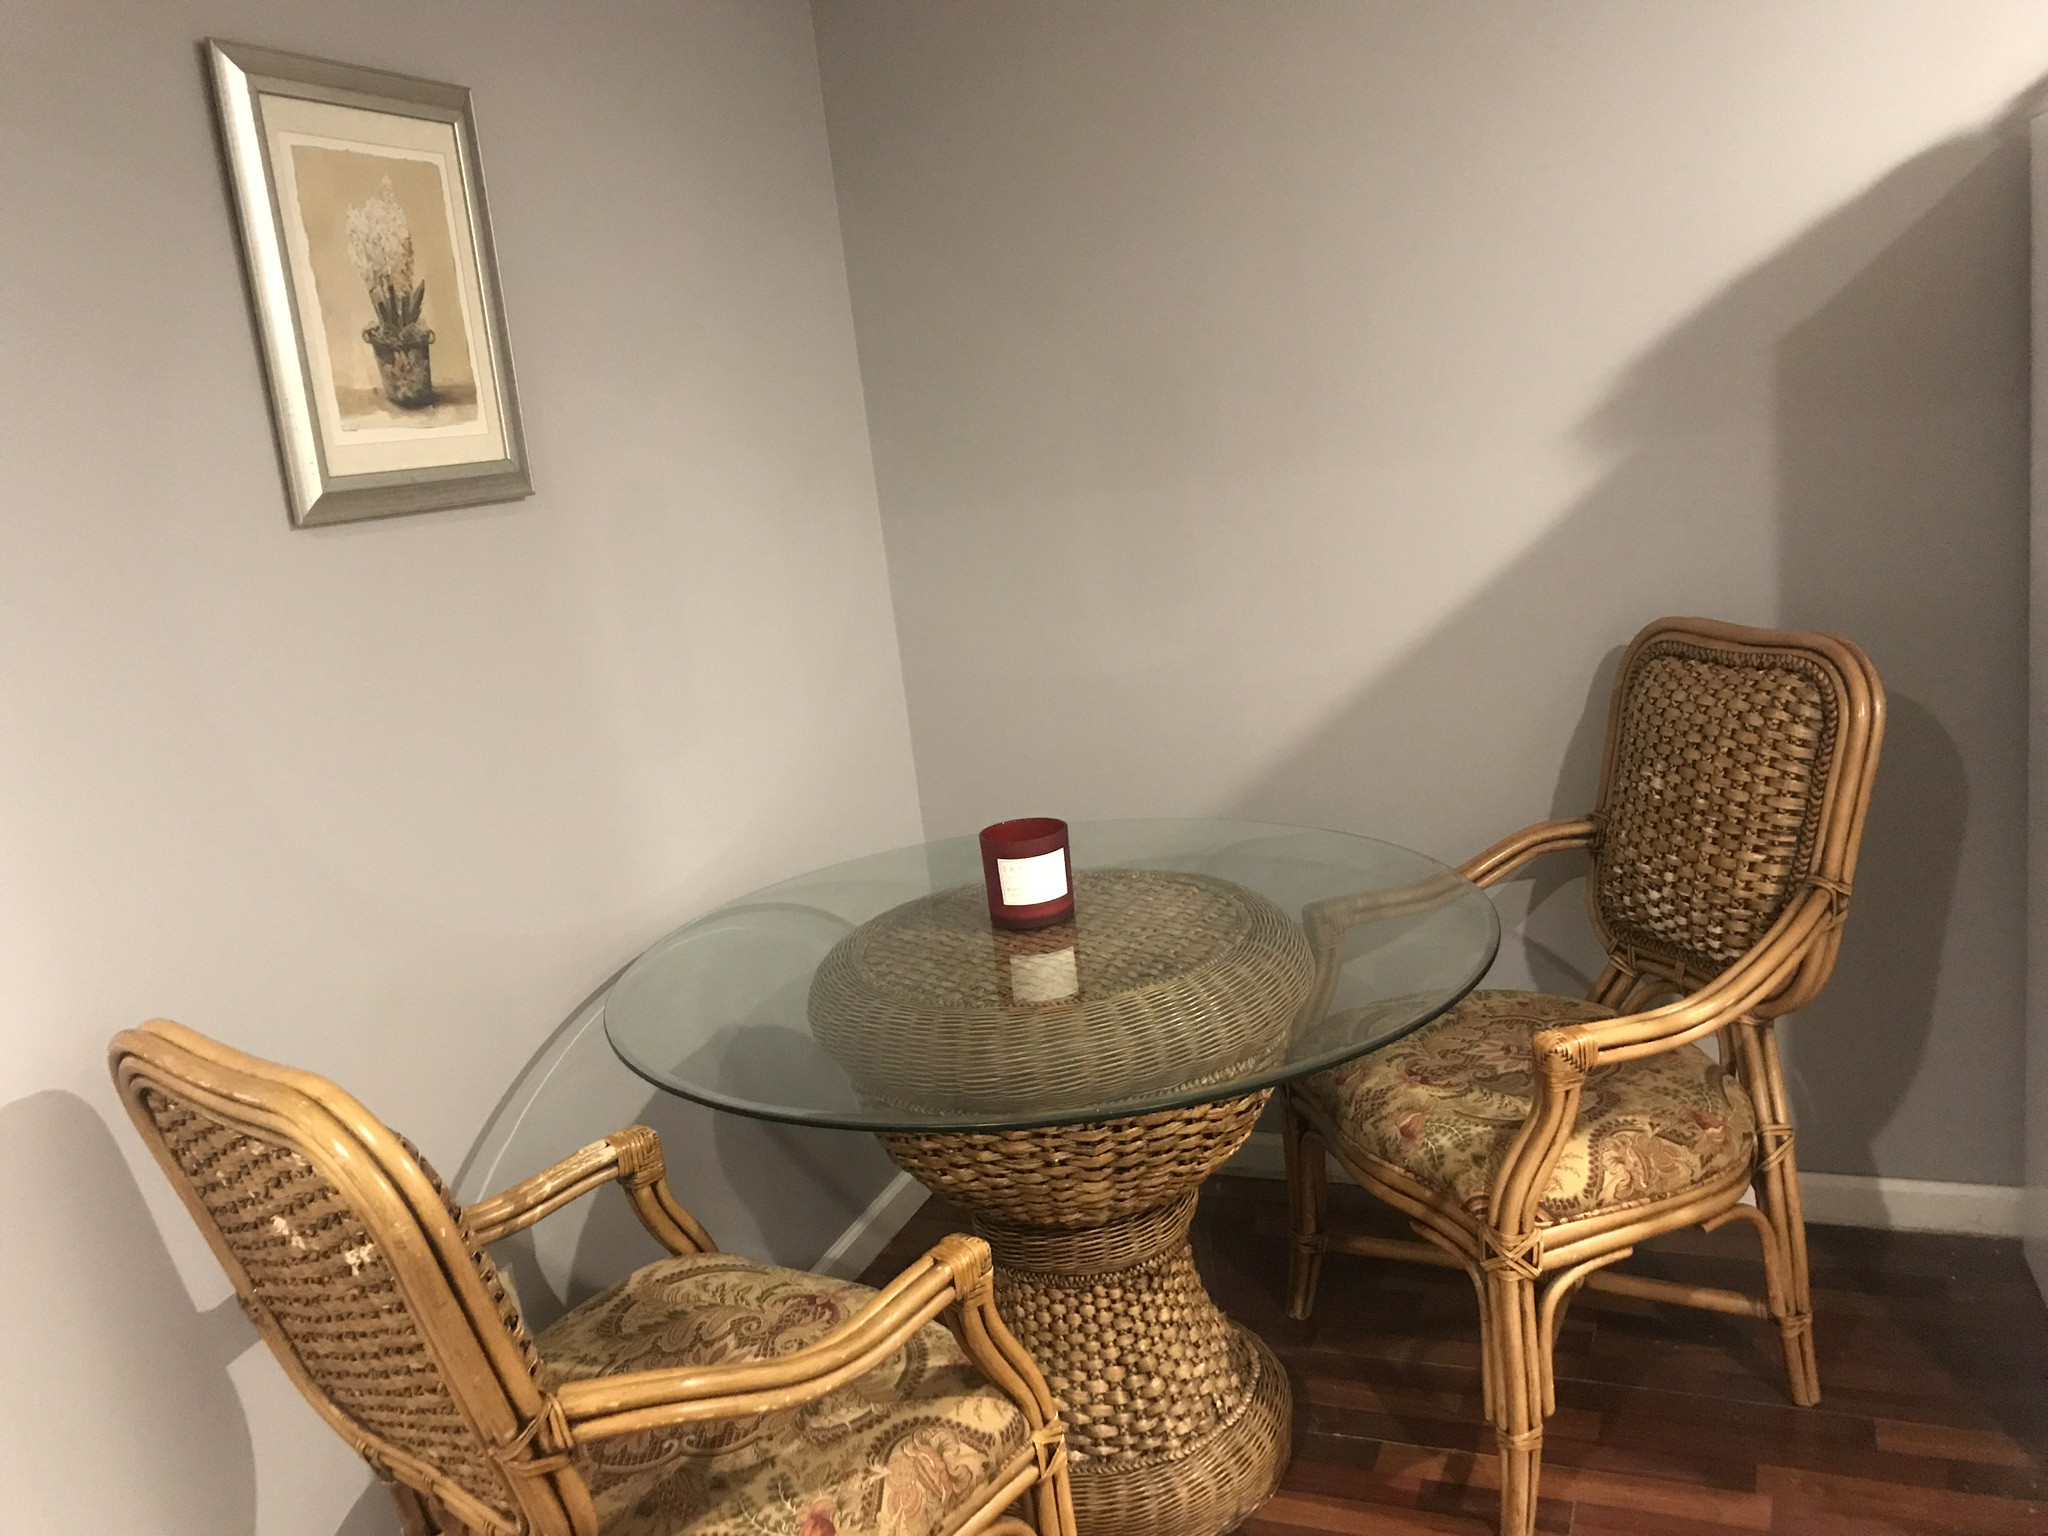 5-Piece Wicker & Glass Dining Set